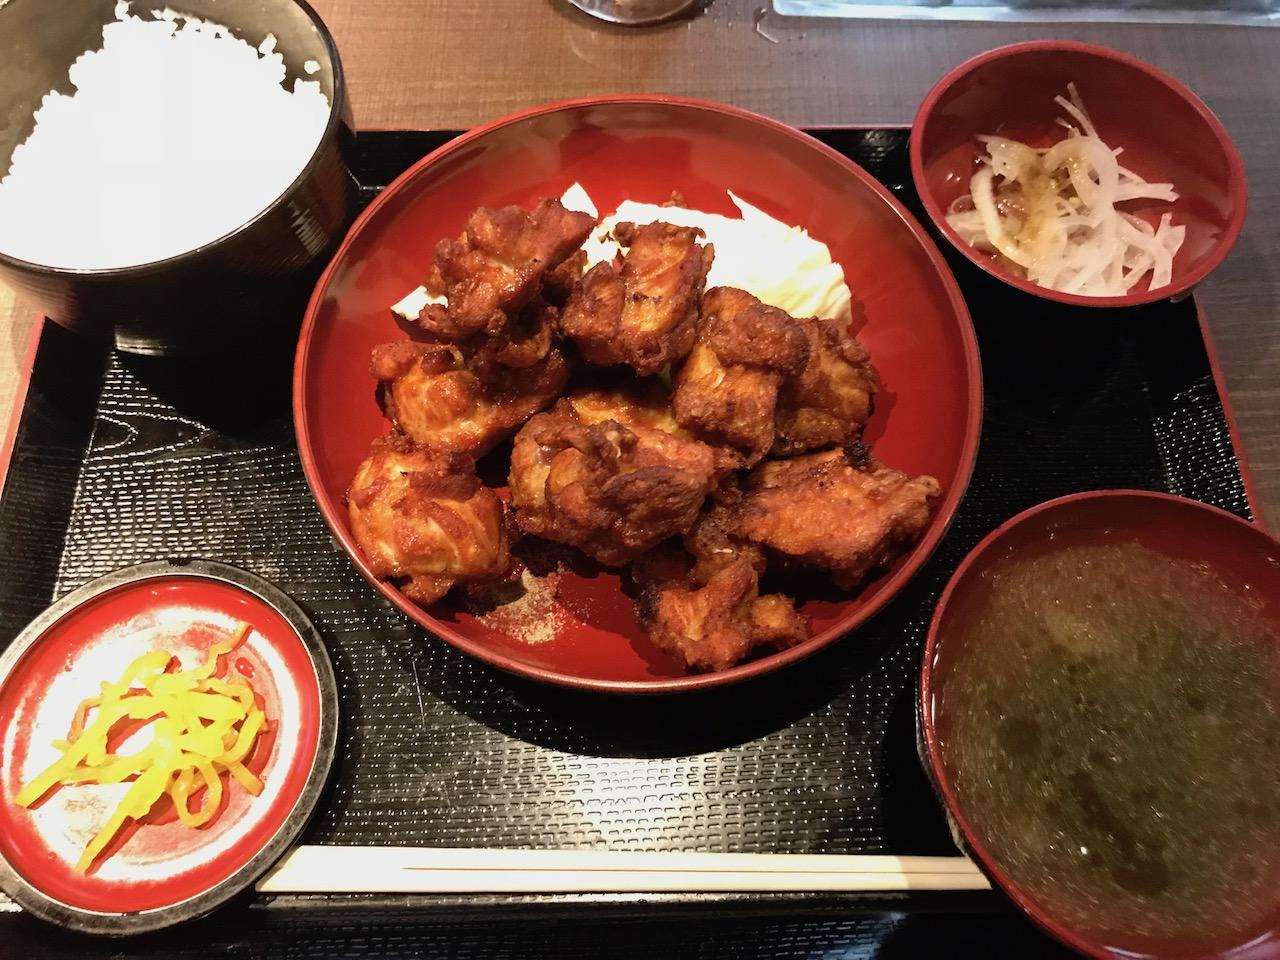 牛凪の唐揚げ食べ放題ランチで食べすぎた!ワンコインなのに美味しくてGOOD!